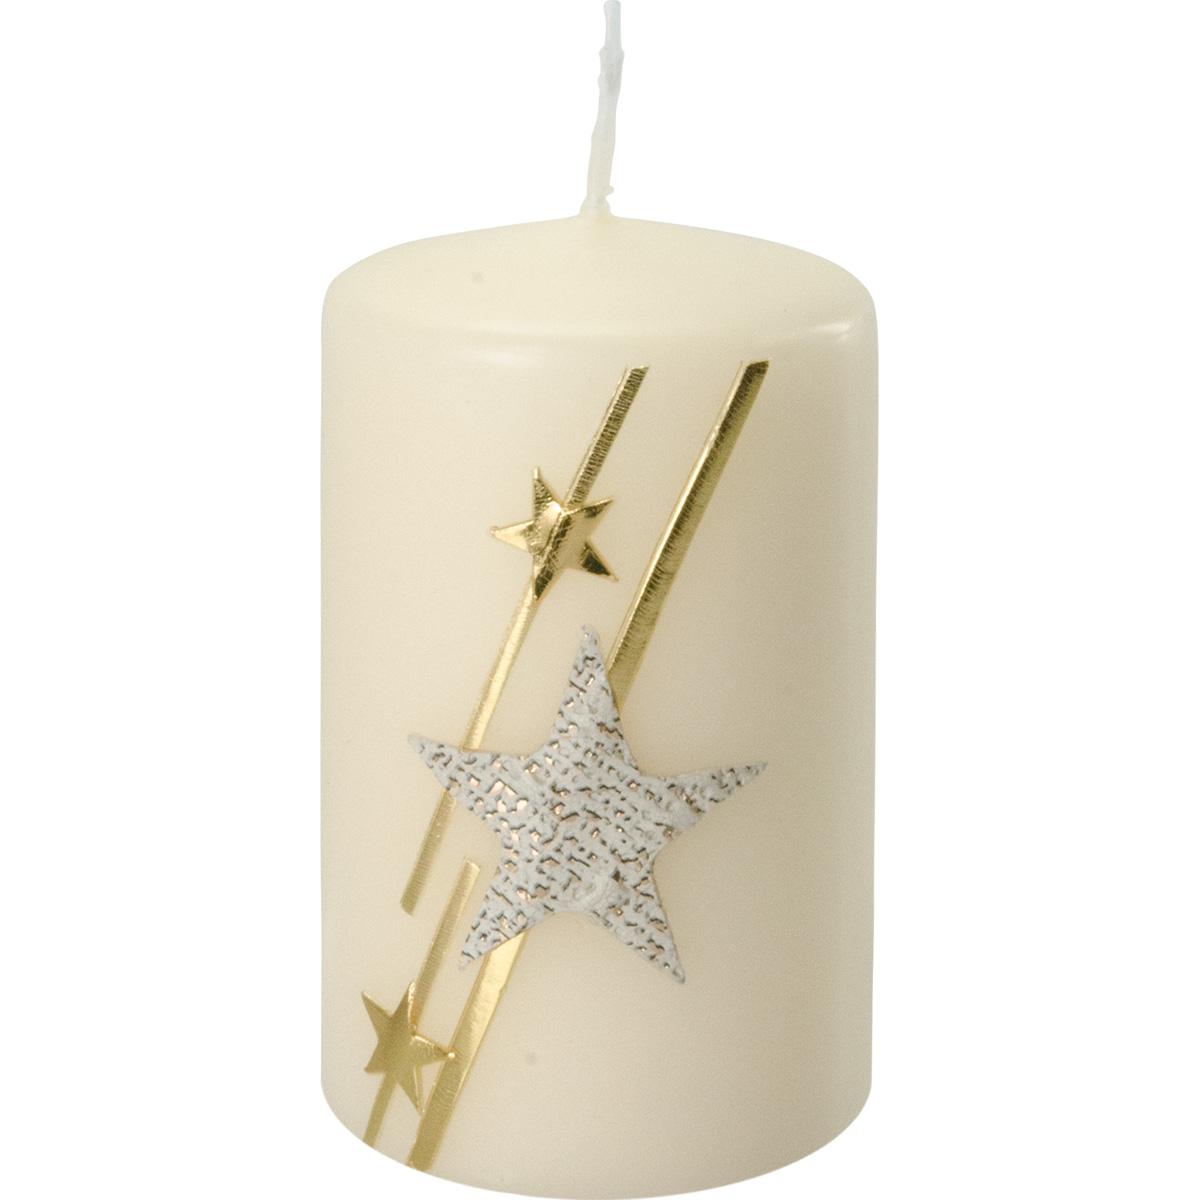 Weihnachtskerze, 2738, 10 x 6 cm, creme, Stern